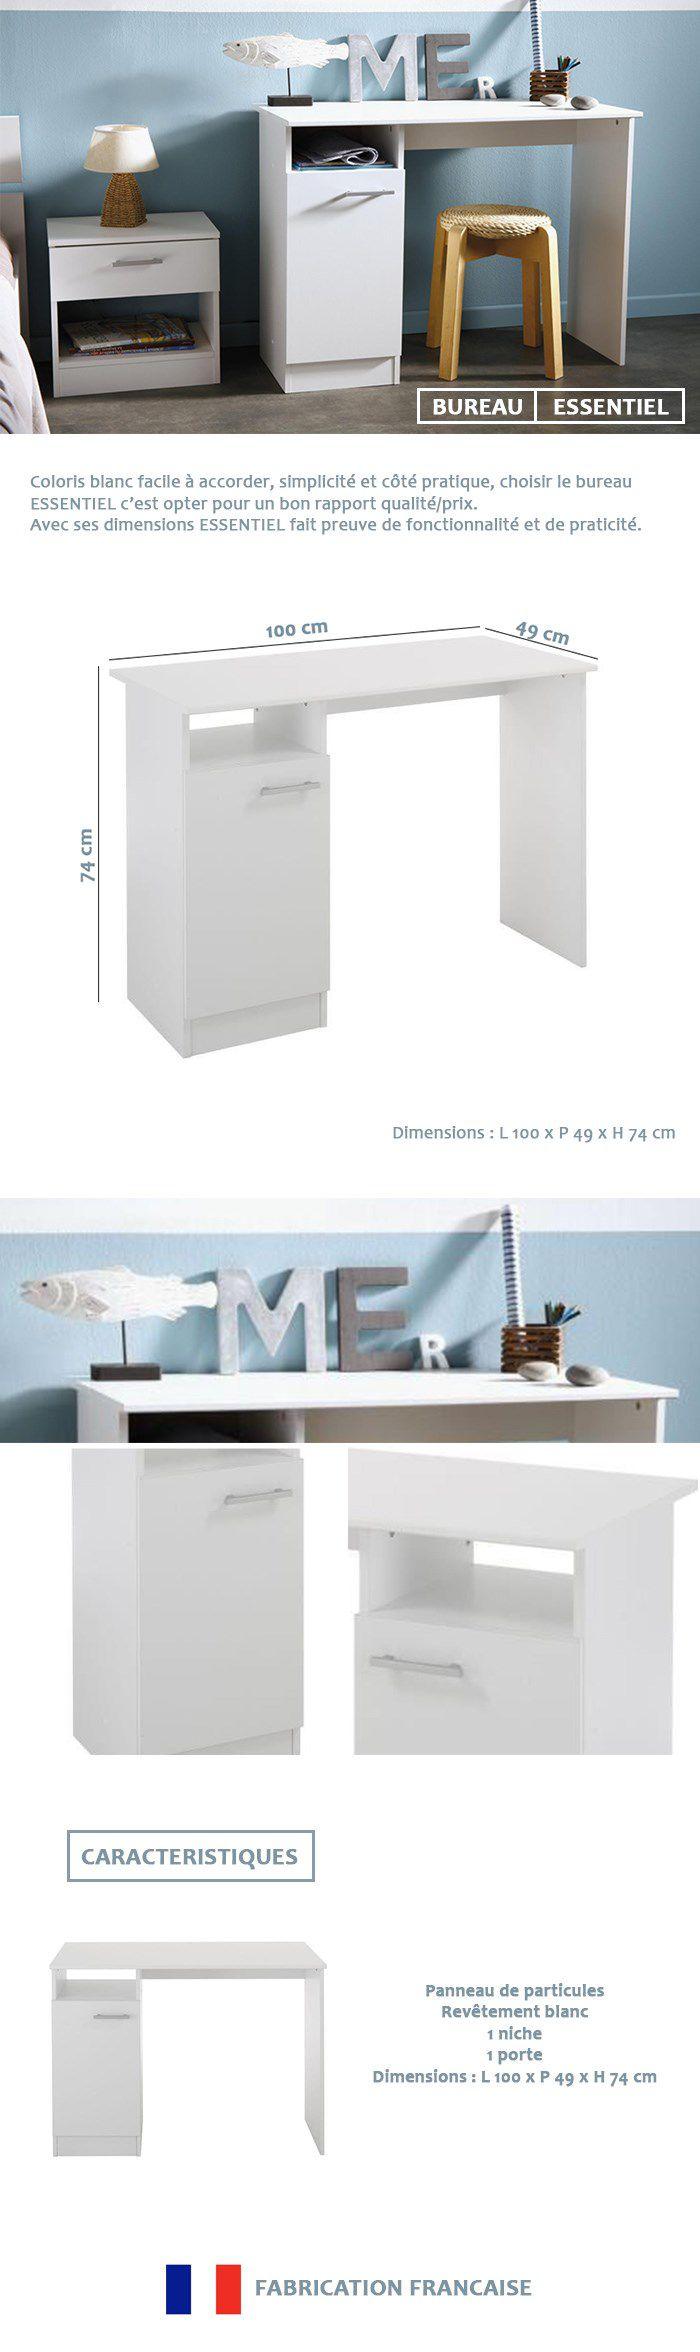 essentielle bureau classique d cor blanc meg ve l 100 cm achat vente bureau essentielle. Black Bedroom Furniture Sets. Home Design Ideas